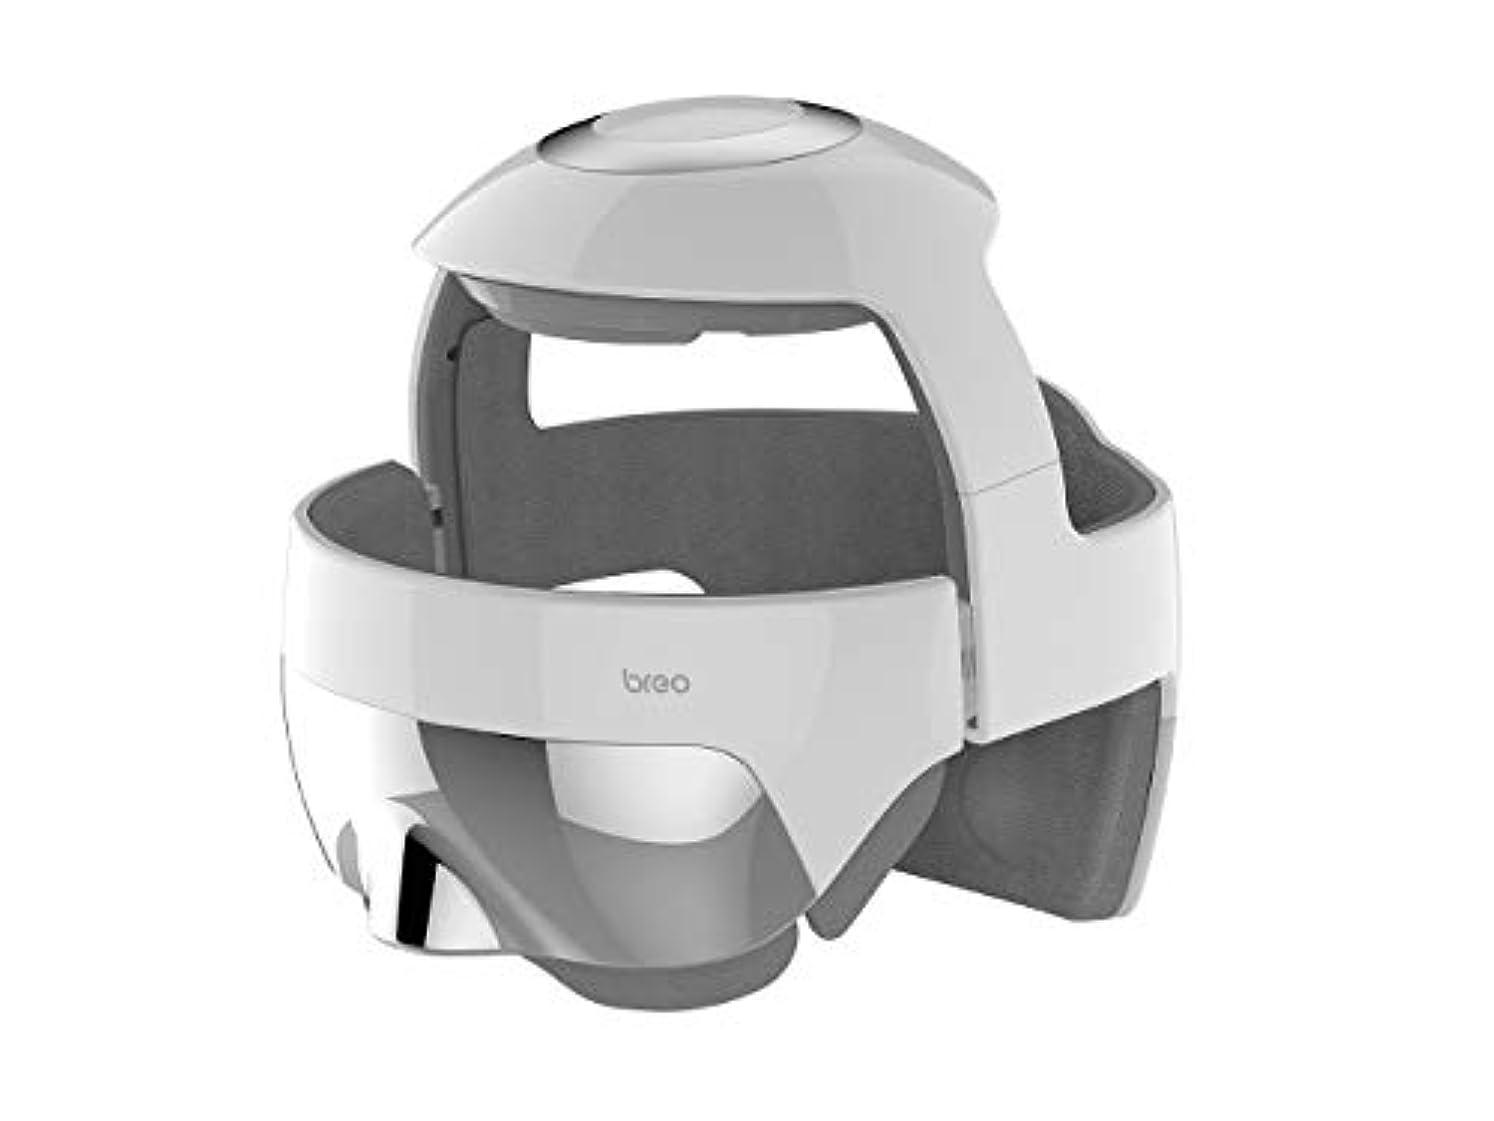 眼お風呂雄大なbreo(ブレオ) i-Brain5S(アイブレイン5エス) トータルヘッドスパ 頭 目元 USB充電 エア 温め リラックス コードレス メーカー保証有